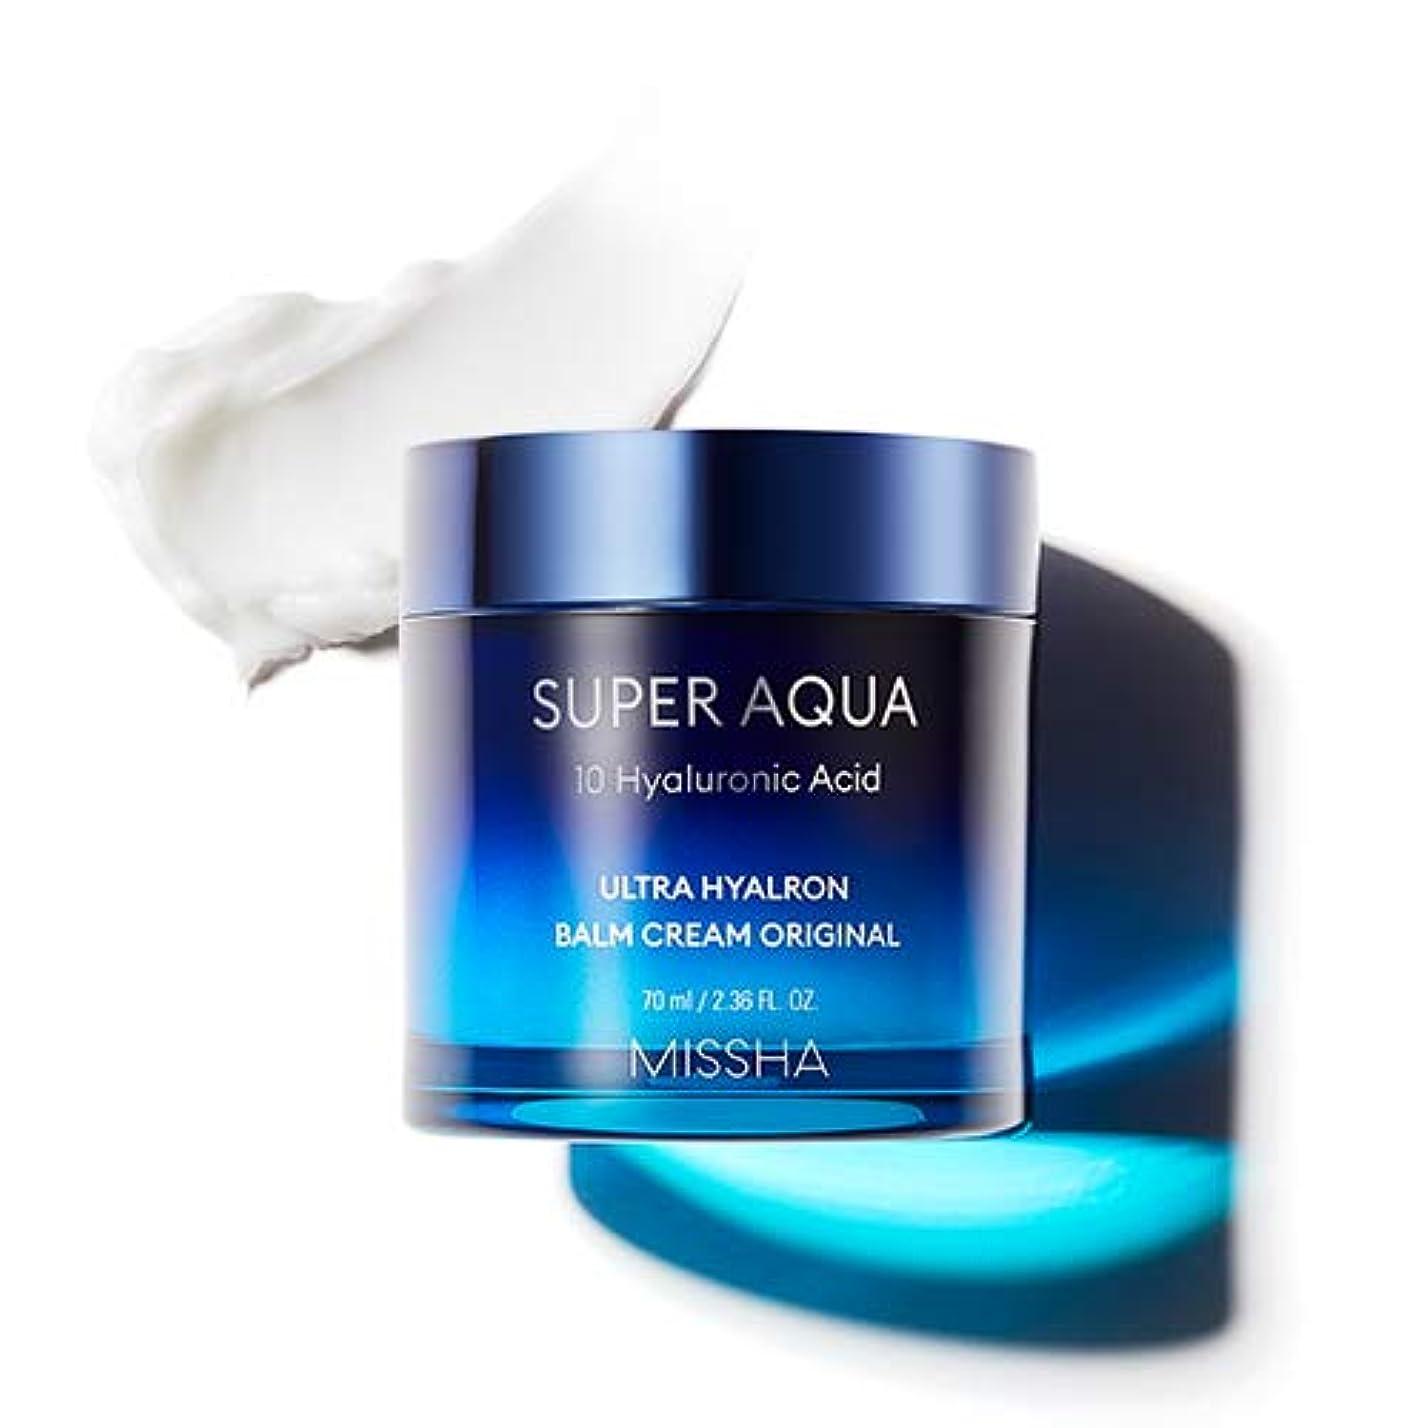 新しい意味直感一月MISSHA Super Aqua Ultra Hyalron Balm Cream Original ミシャ スーパーアクア ウルトラ ヒアルロン バーム クリーム オリジナル 70ml [並行輸入品]